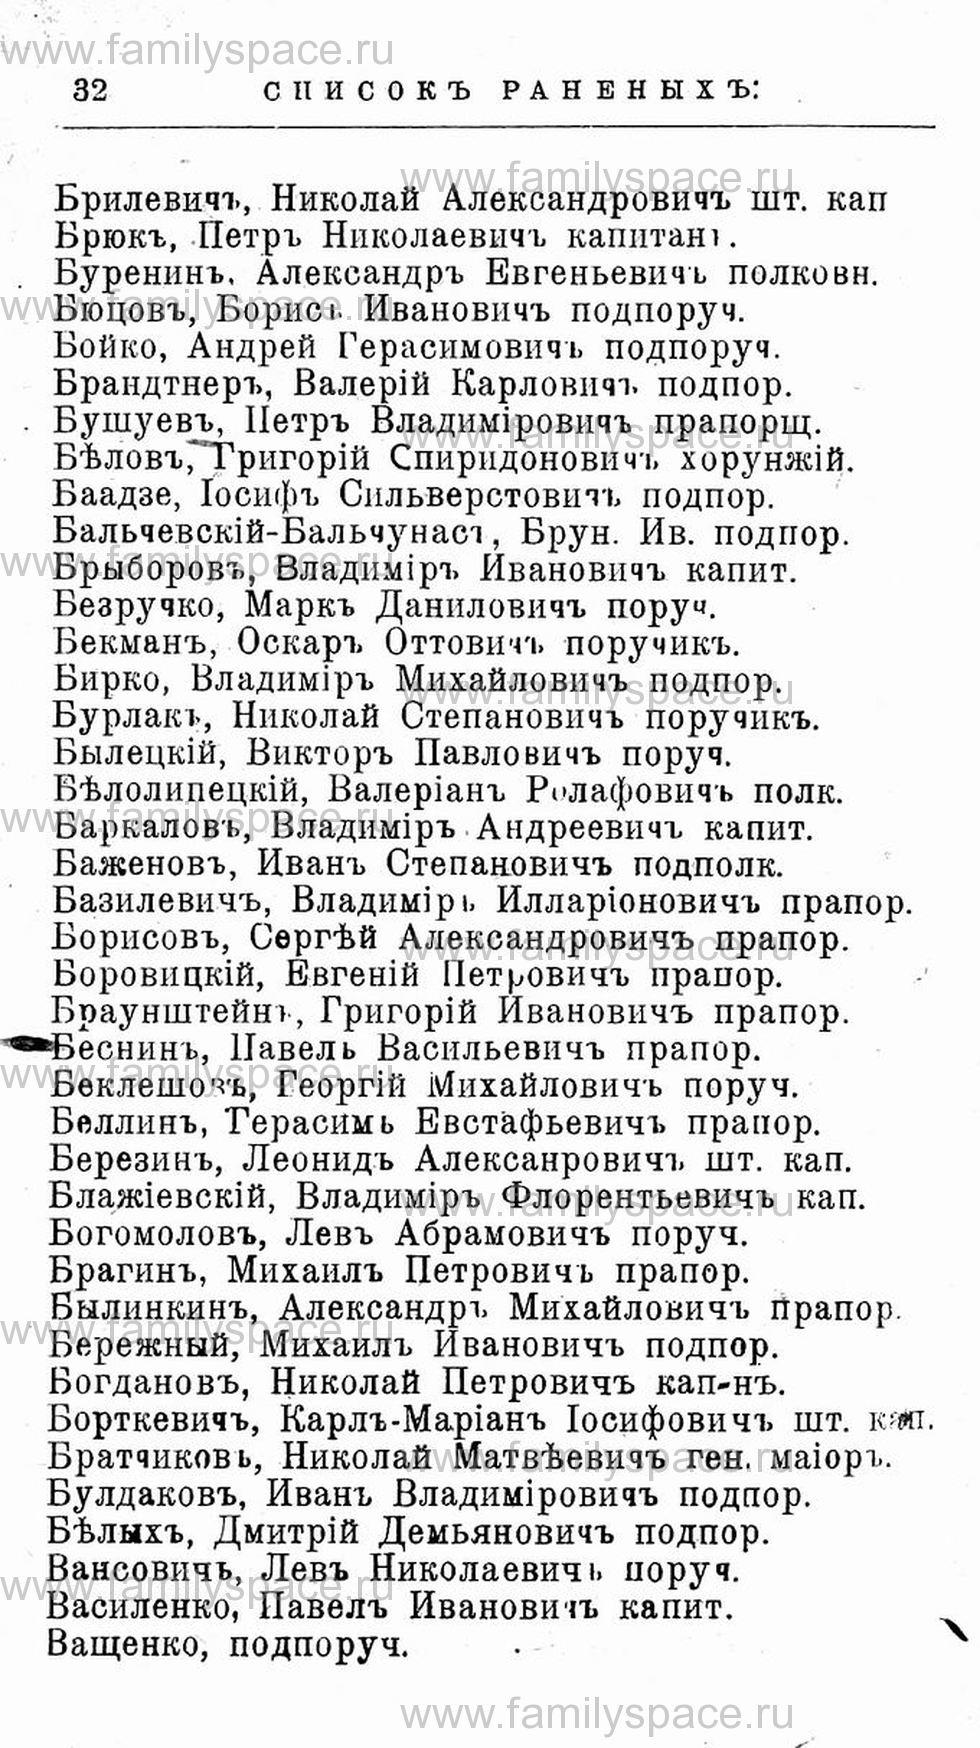 Поиск по фамилии - Первая мировая война - 1914 (списки убитых и раненых), страница 32